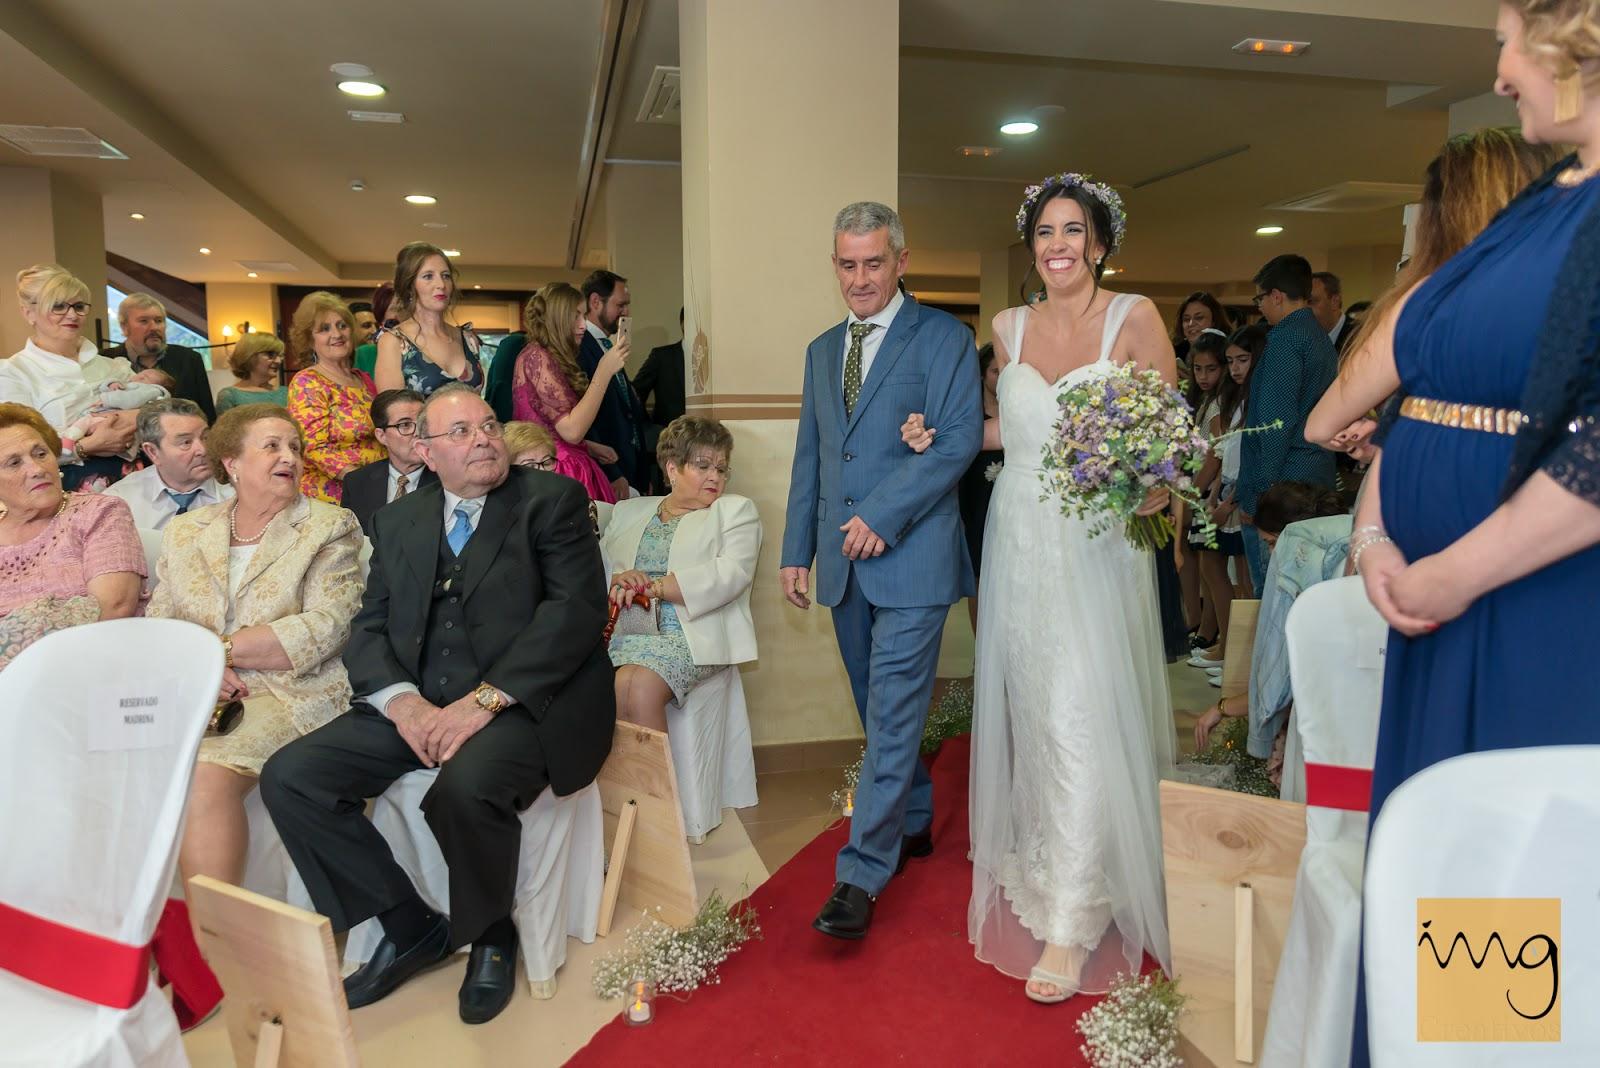 Fotografía de boda emocionante